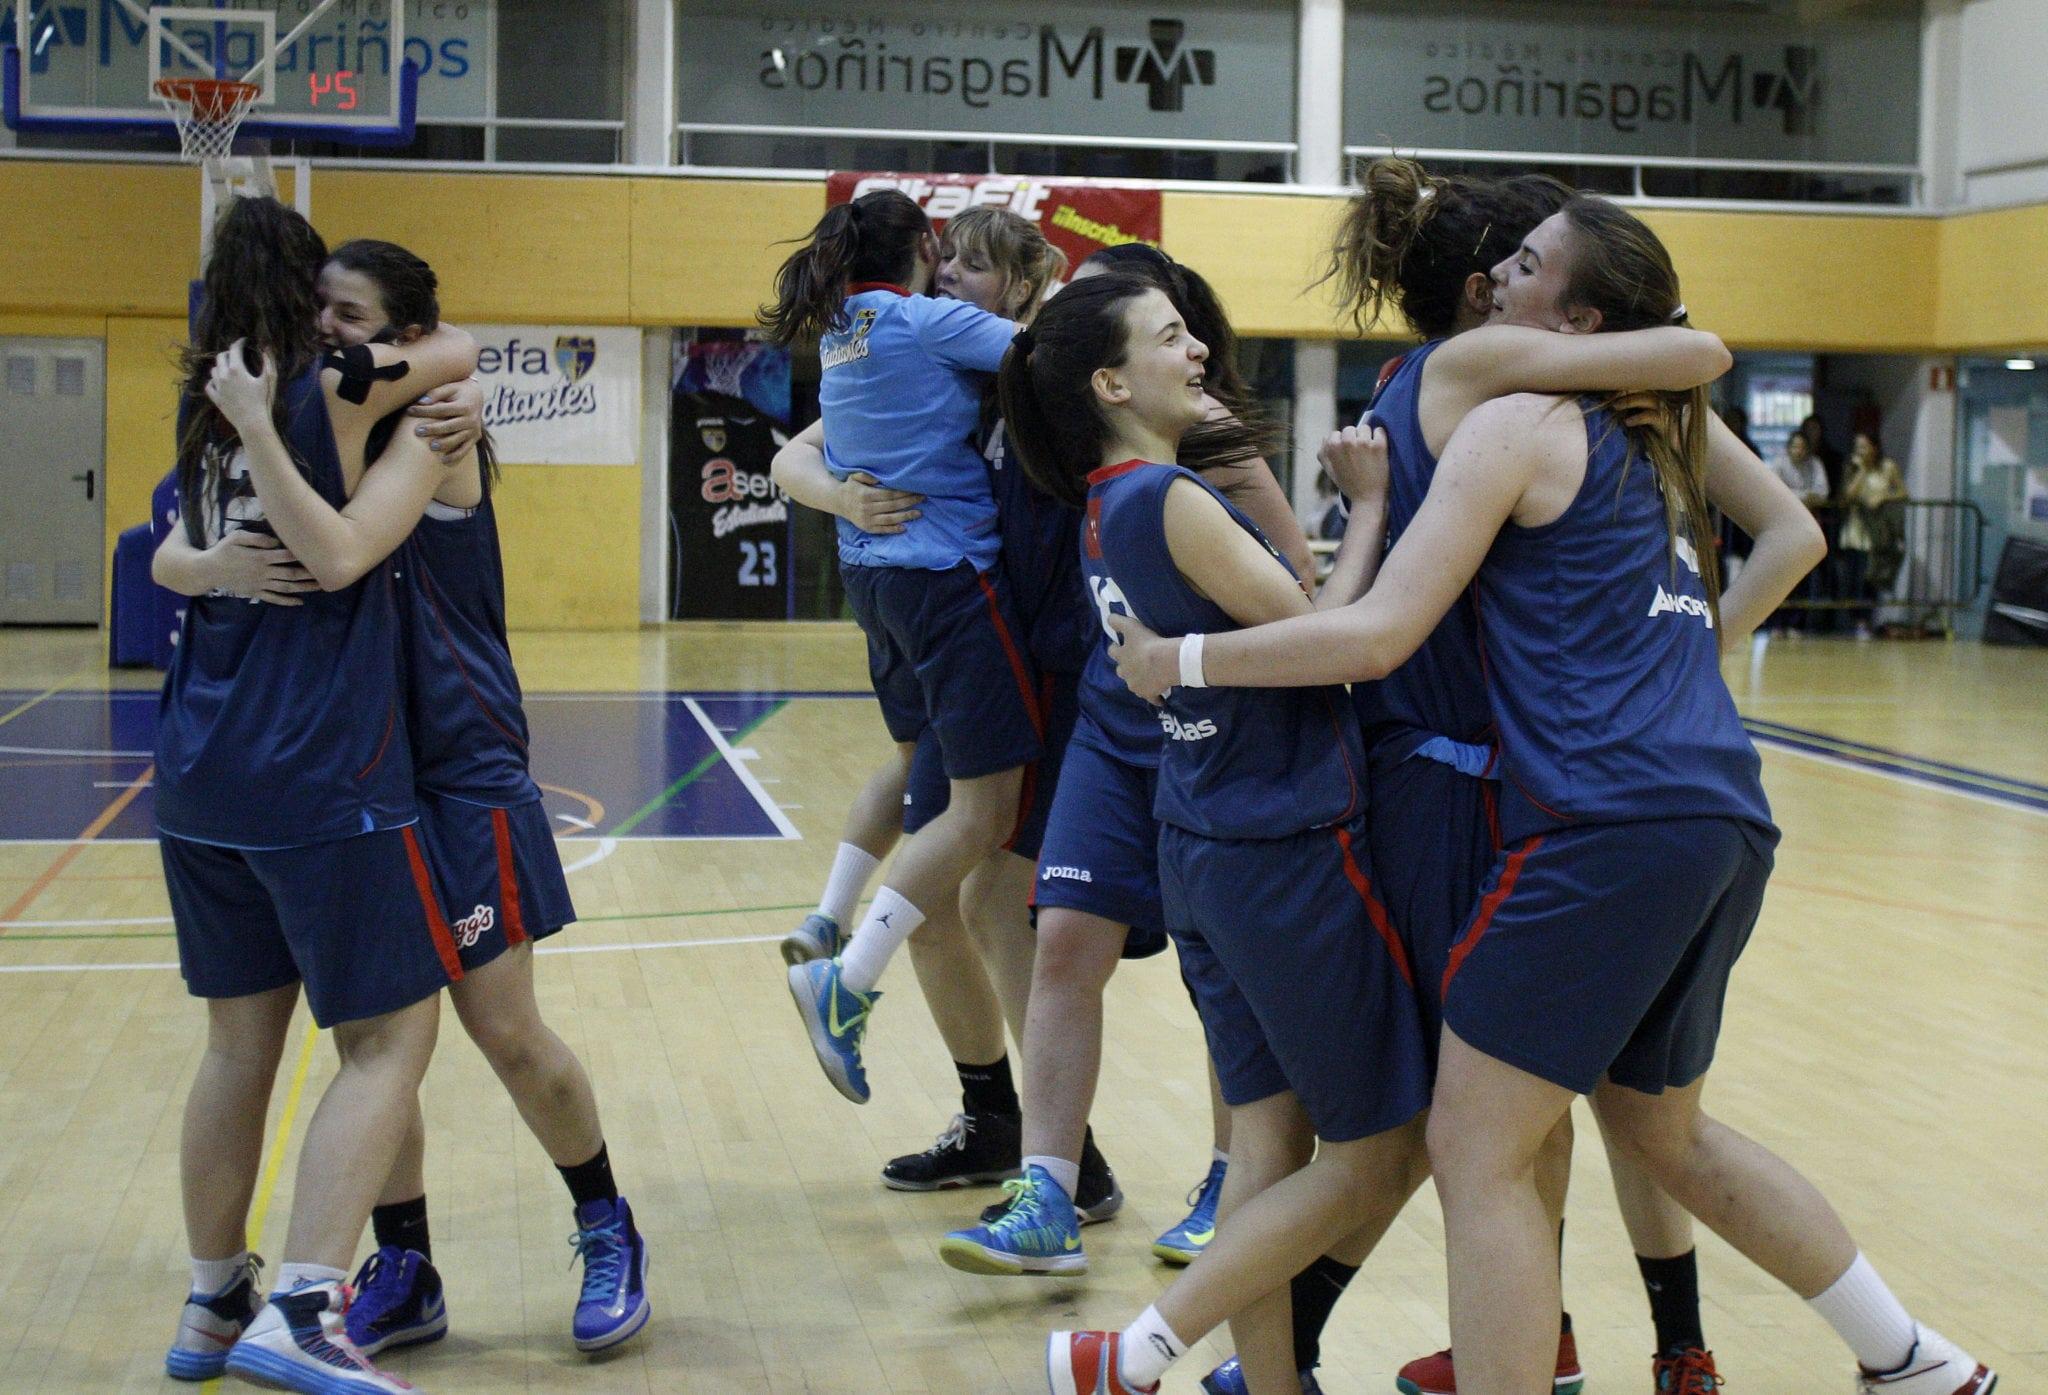 Cantera: subcampeonatos juniors, cadetes en plenos playoffs, luchas por la clasificación, finales de liga… y más